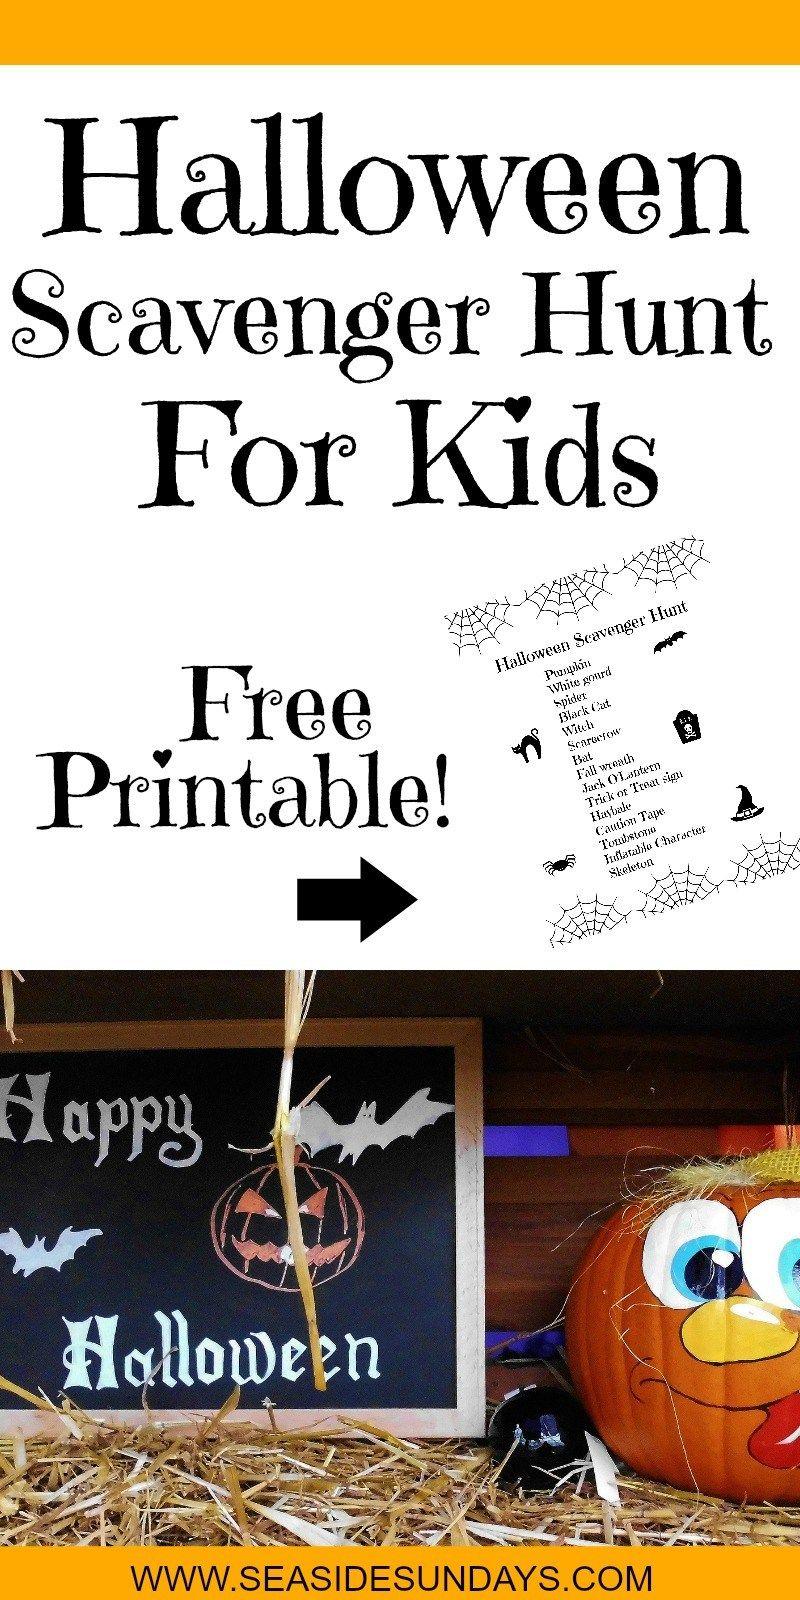 Halloween Scavenger Hunt For Kids (Free Printable)   Party - Free Printable Halloween Scavenger Hunt